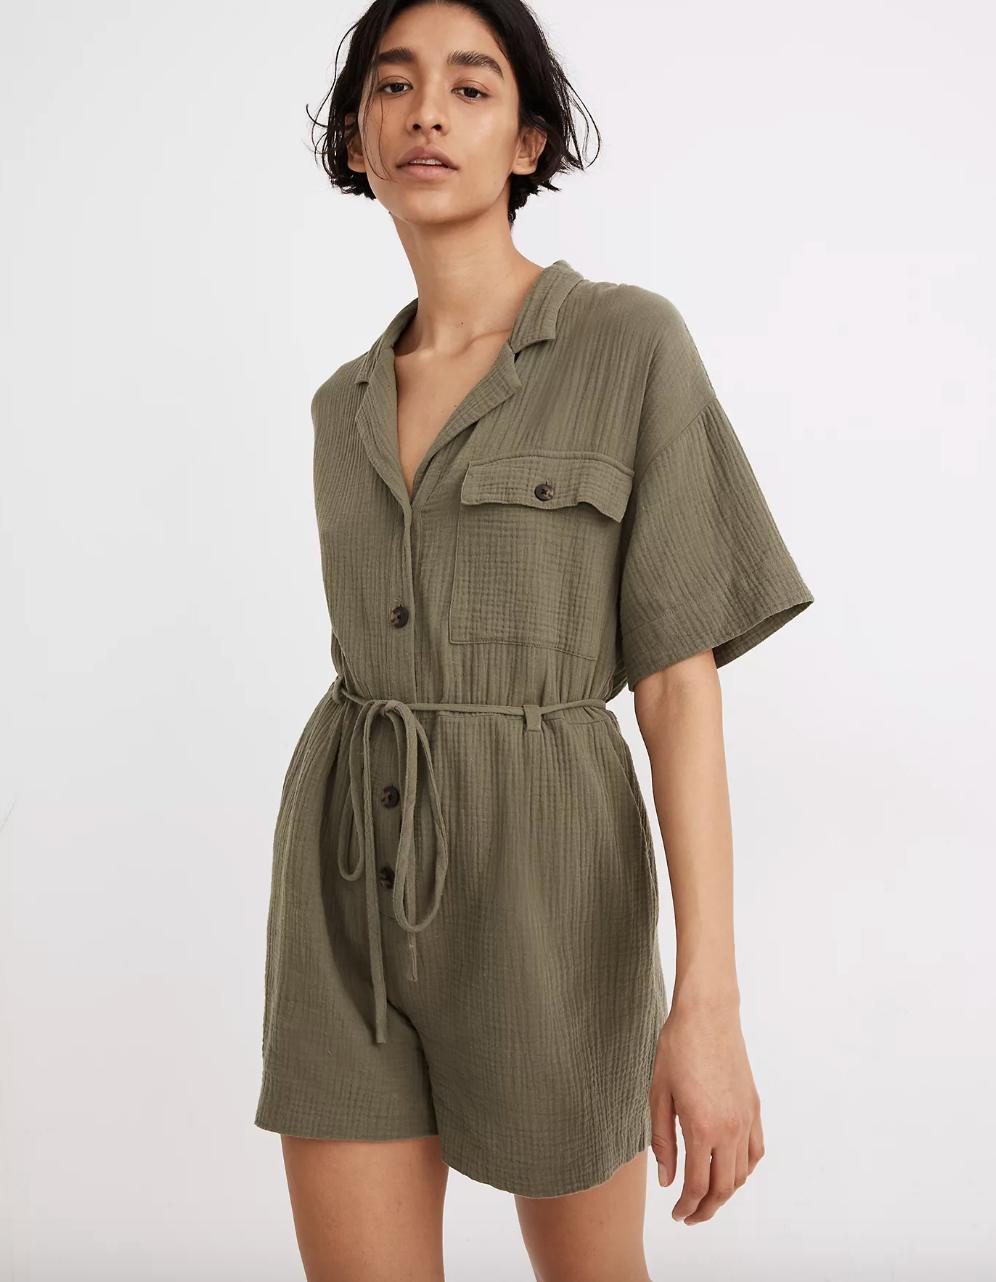 model wearing the green romper